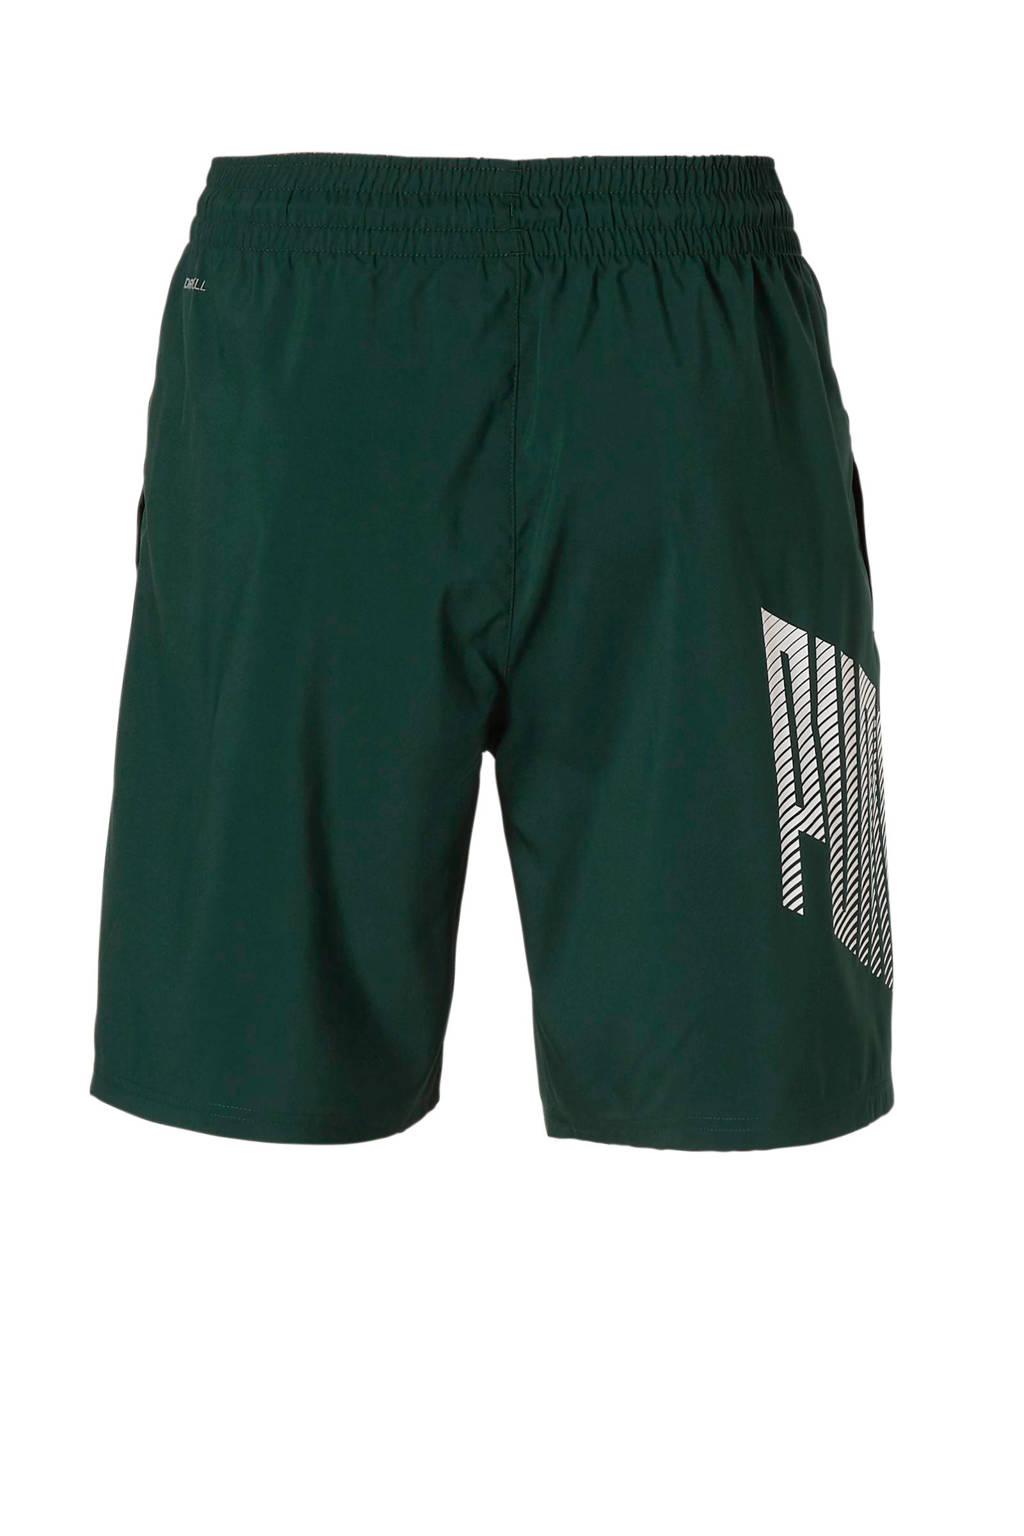 Puma   sportshort groen, Groen